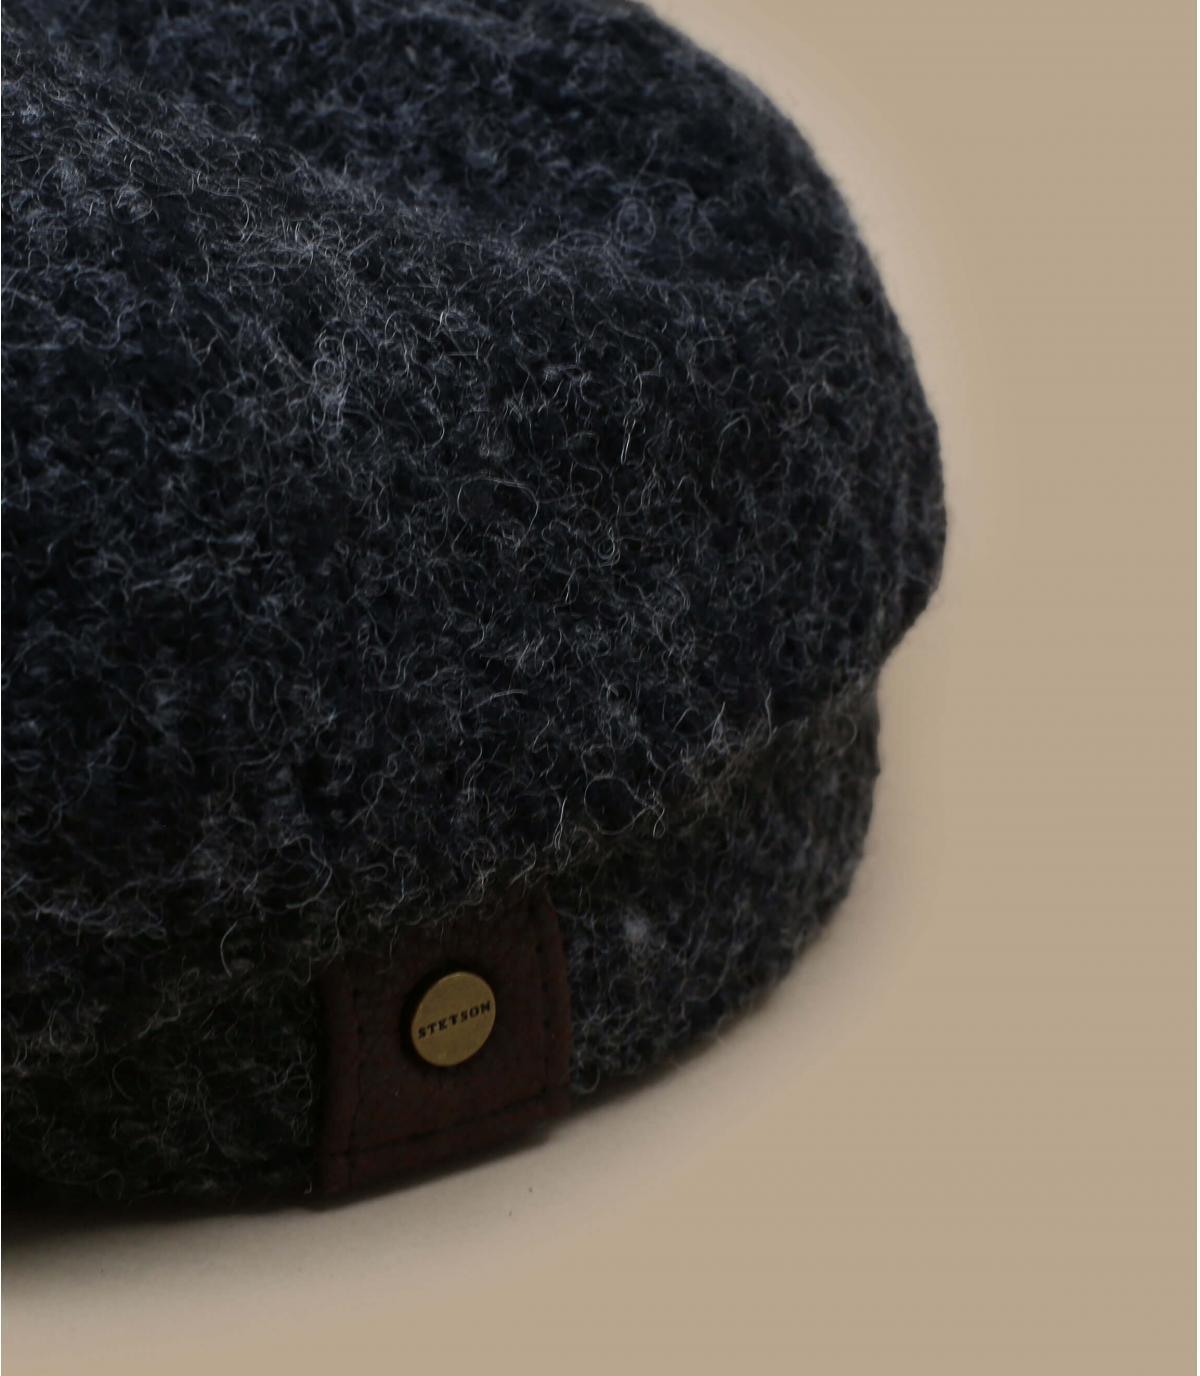 Gorro negro hiver stetson